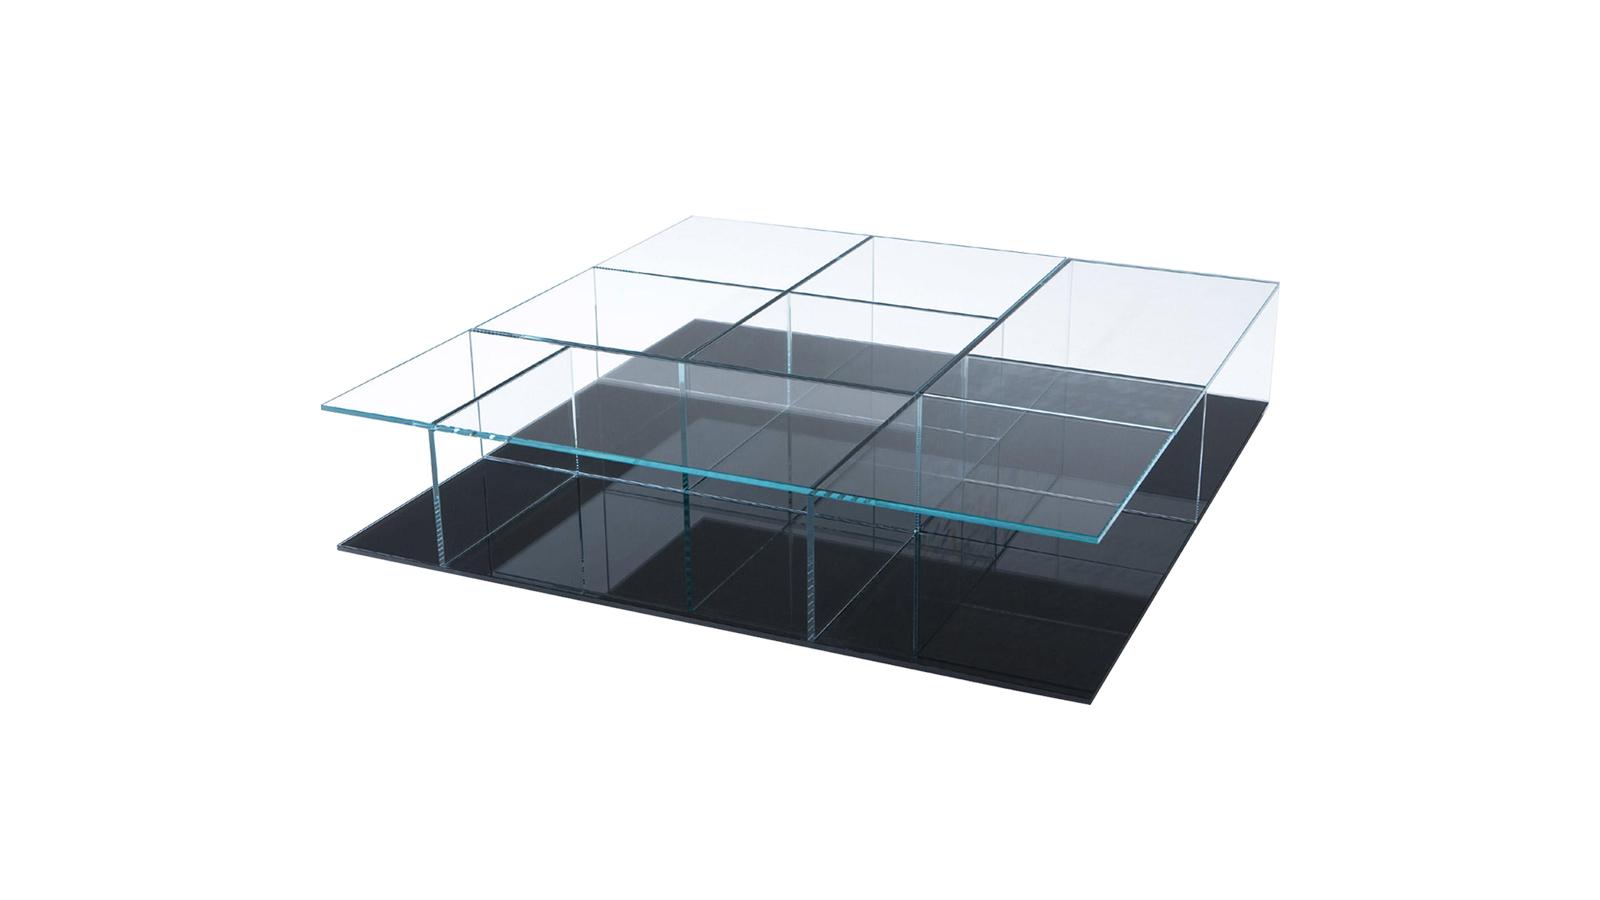 A hűvös eleganciával bíró Mex asztalt szándékosan a játékos Mex Cube kanapé ellenpólusaként tervezték meg. A különösen tiszta, csillogó edzett üvegnek köszönhetően azt a benyomást kelti, mintha állandó mozgásban lenne. A megismételhetetlen szépségű kisasztal kör, négyzet és téglalap formában is elérhető.